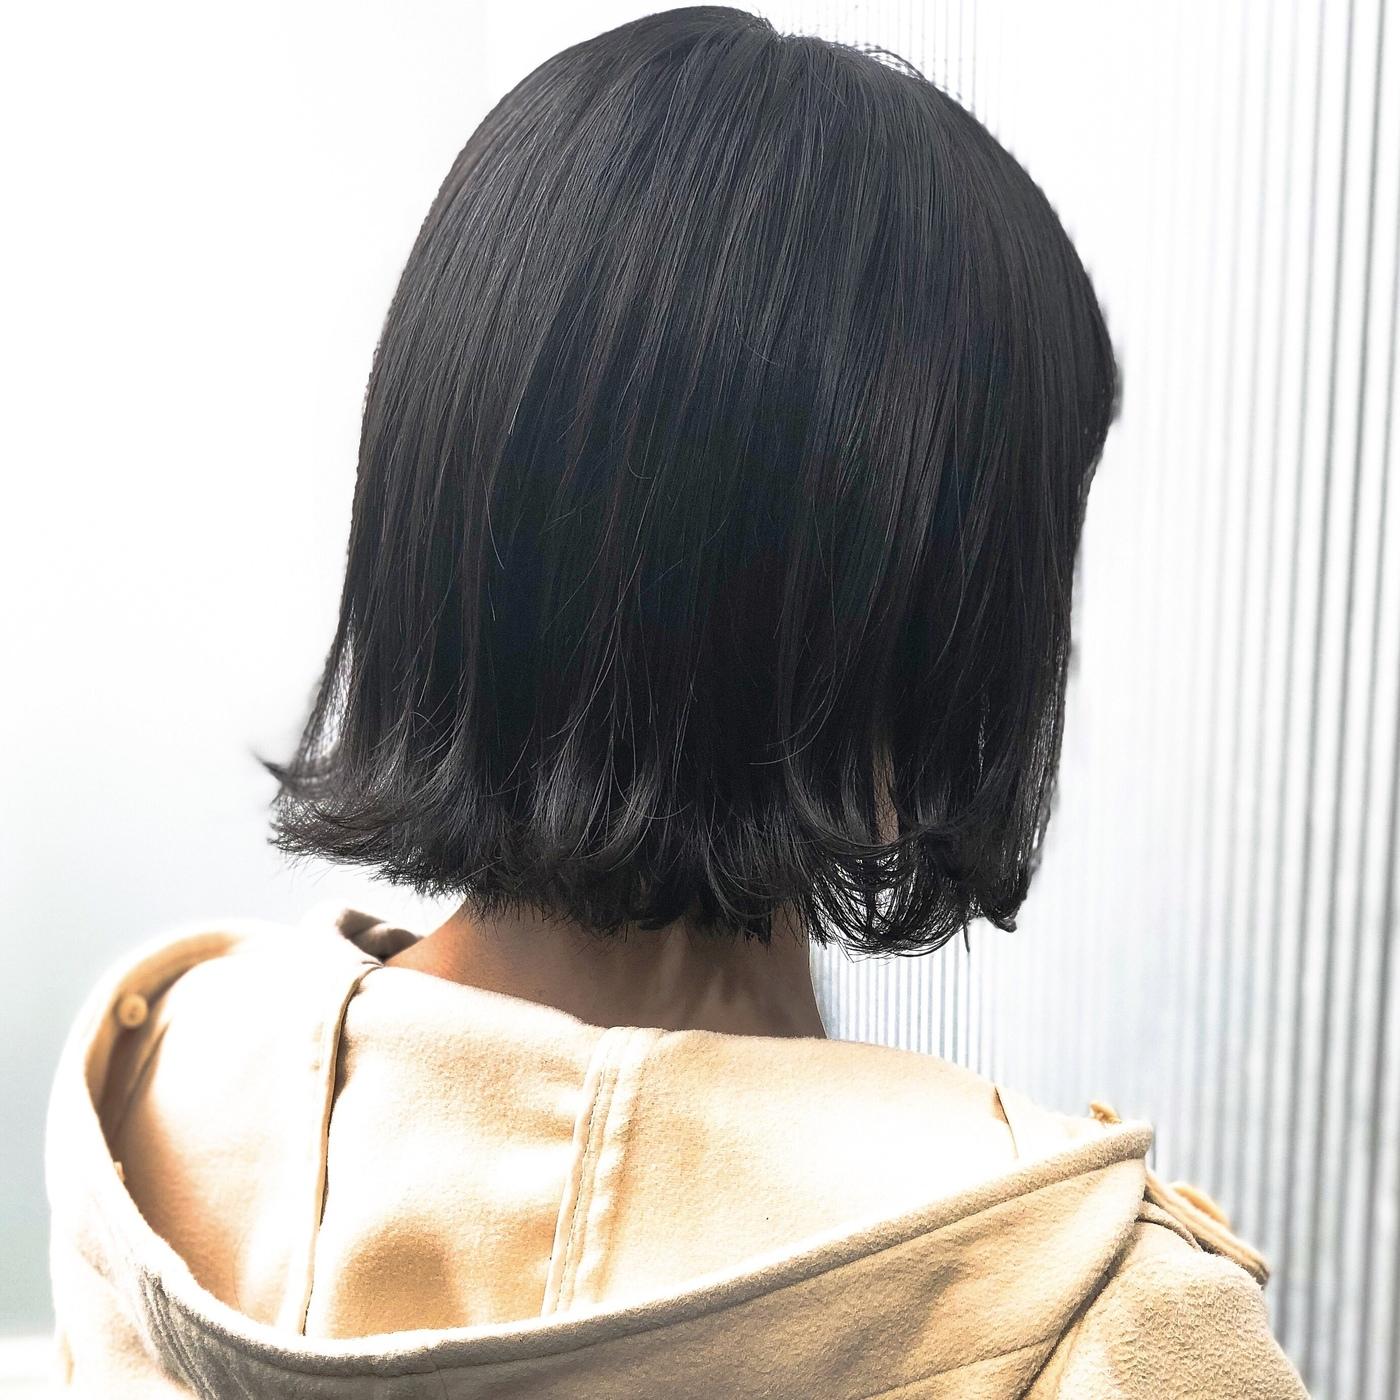 コンパクトなボブは、 首がキレイに見えて、 スタイリングもそのままでOKな お手入れが楽なスタイル。  ゼロアルカリストレートとの 相性も◎です(^^)  #前髪 #グレージュ #透明感  #ボブ #アッシュ #ナチュラル #ガーリー #キュート #カジュアル #ストリート #オフィス #流し前髪 #丸顔